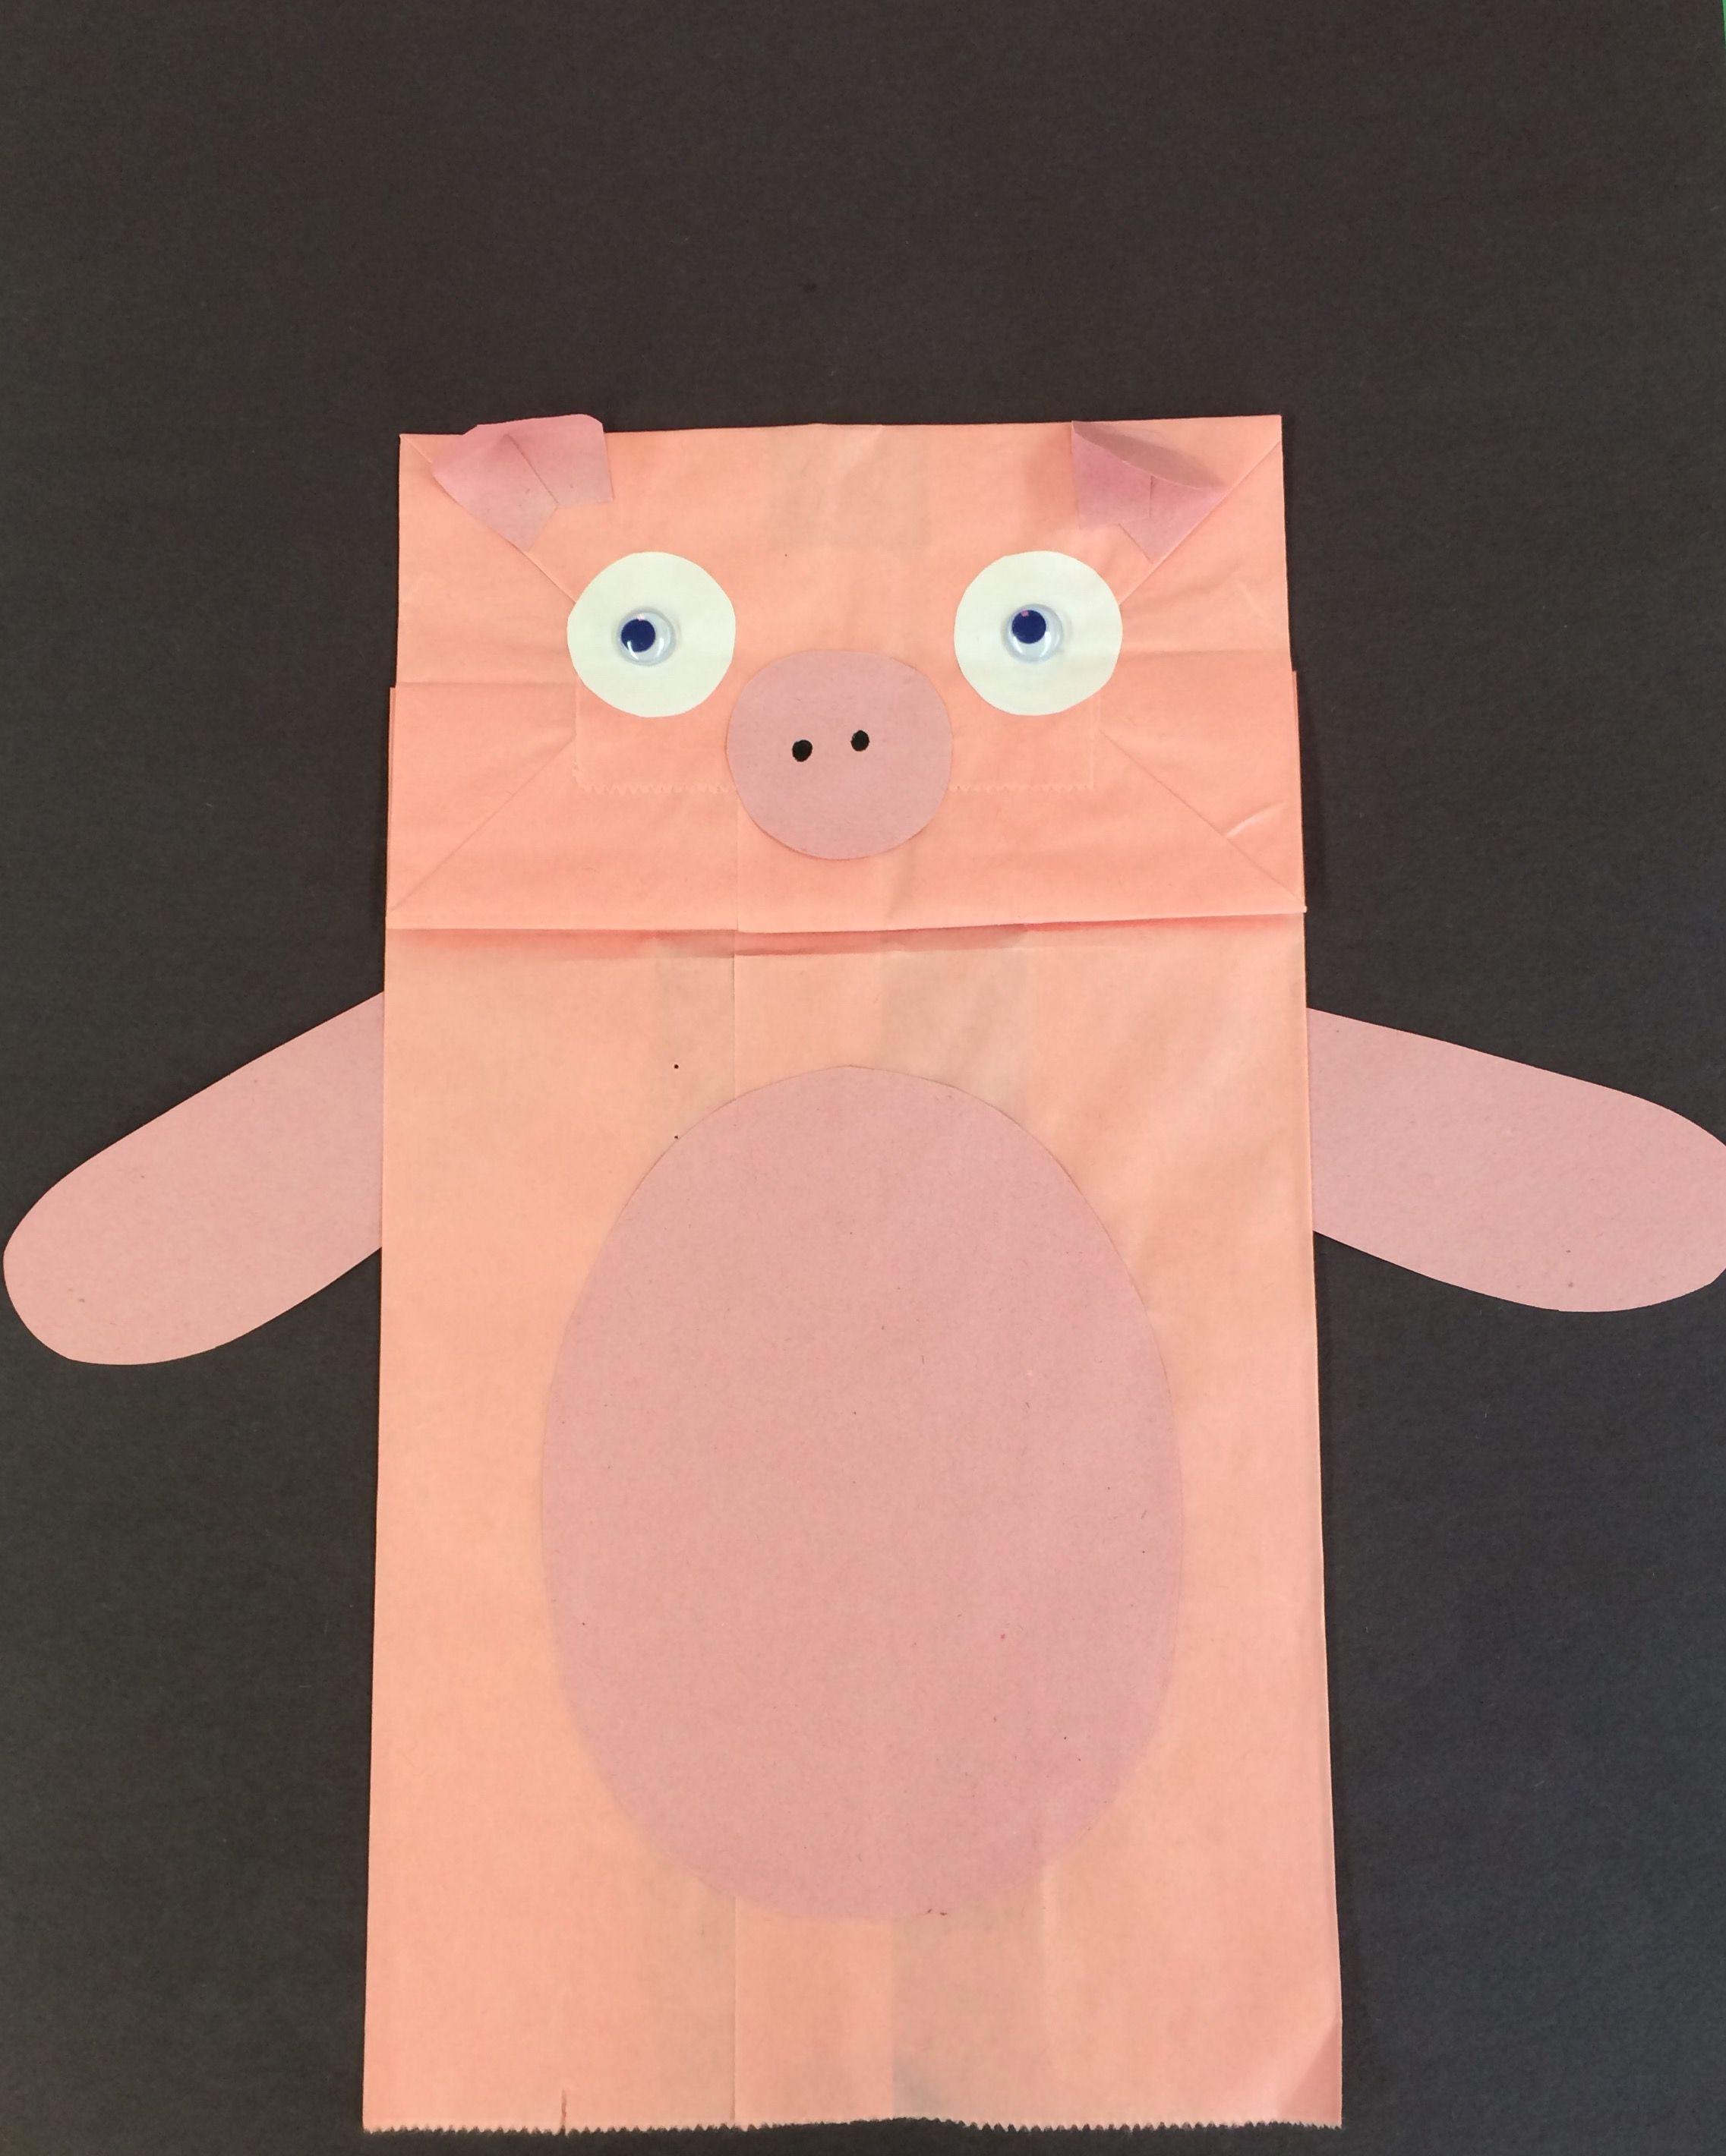 Títere de cerdito hecho con bolsa de papel y papel de construcción ...